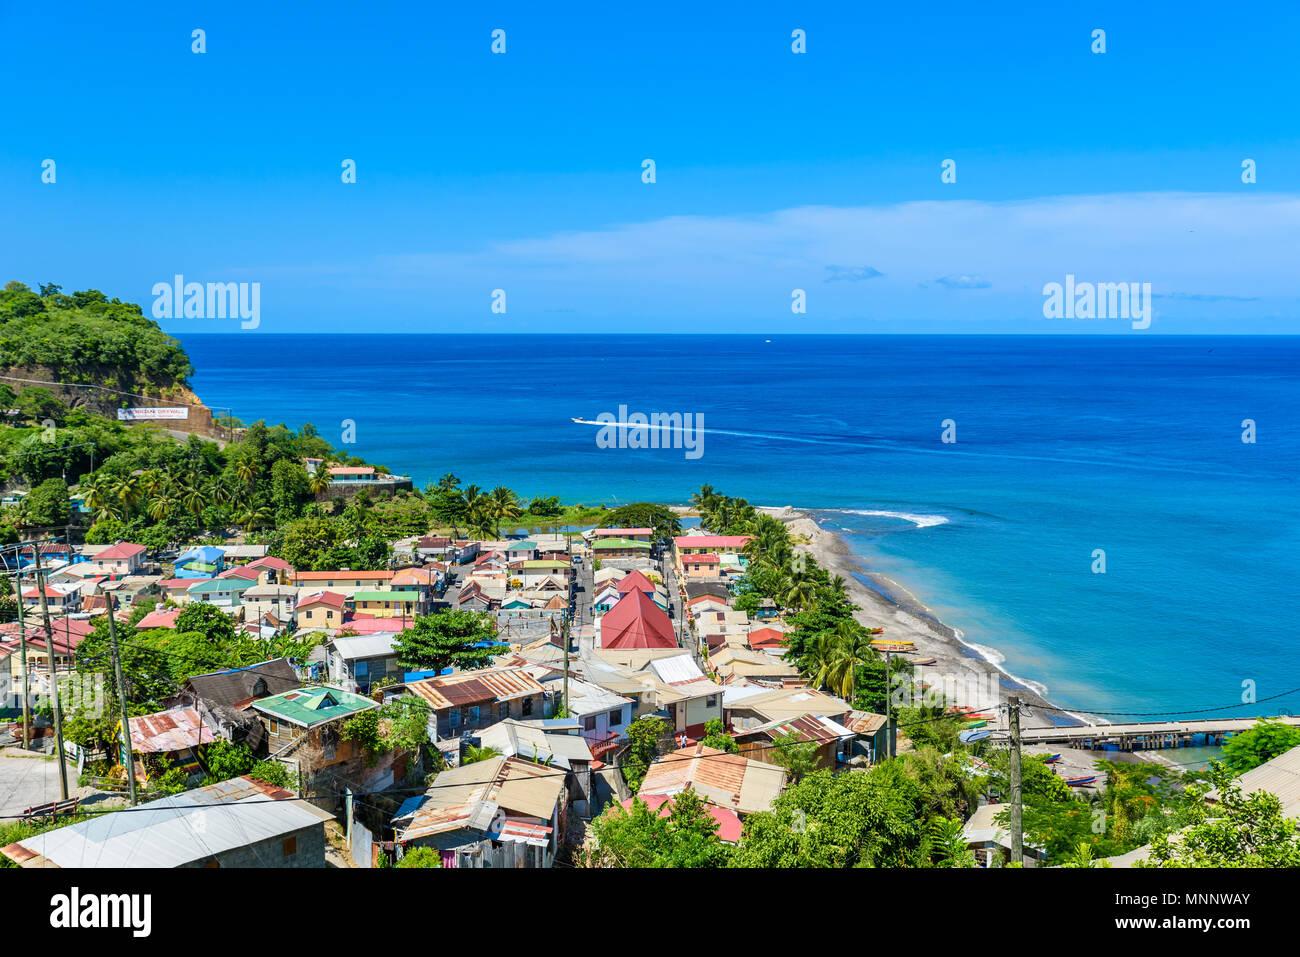 467 - Village sur l'île caribéenne de Sainte-Lucie. C'est une destination paradisiaque avec une plage de sable blanc et mer turquoiuse. Photo Stock